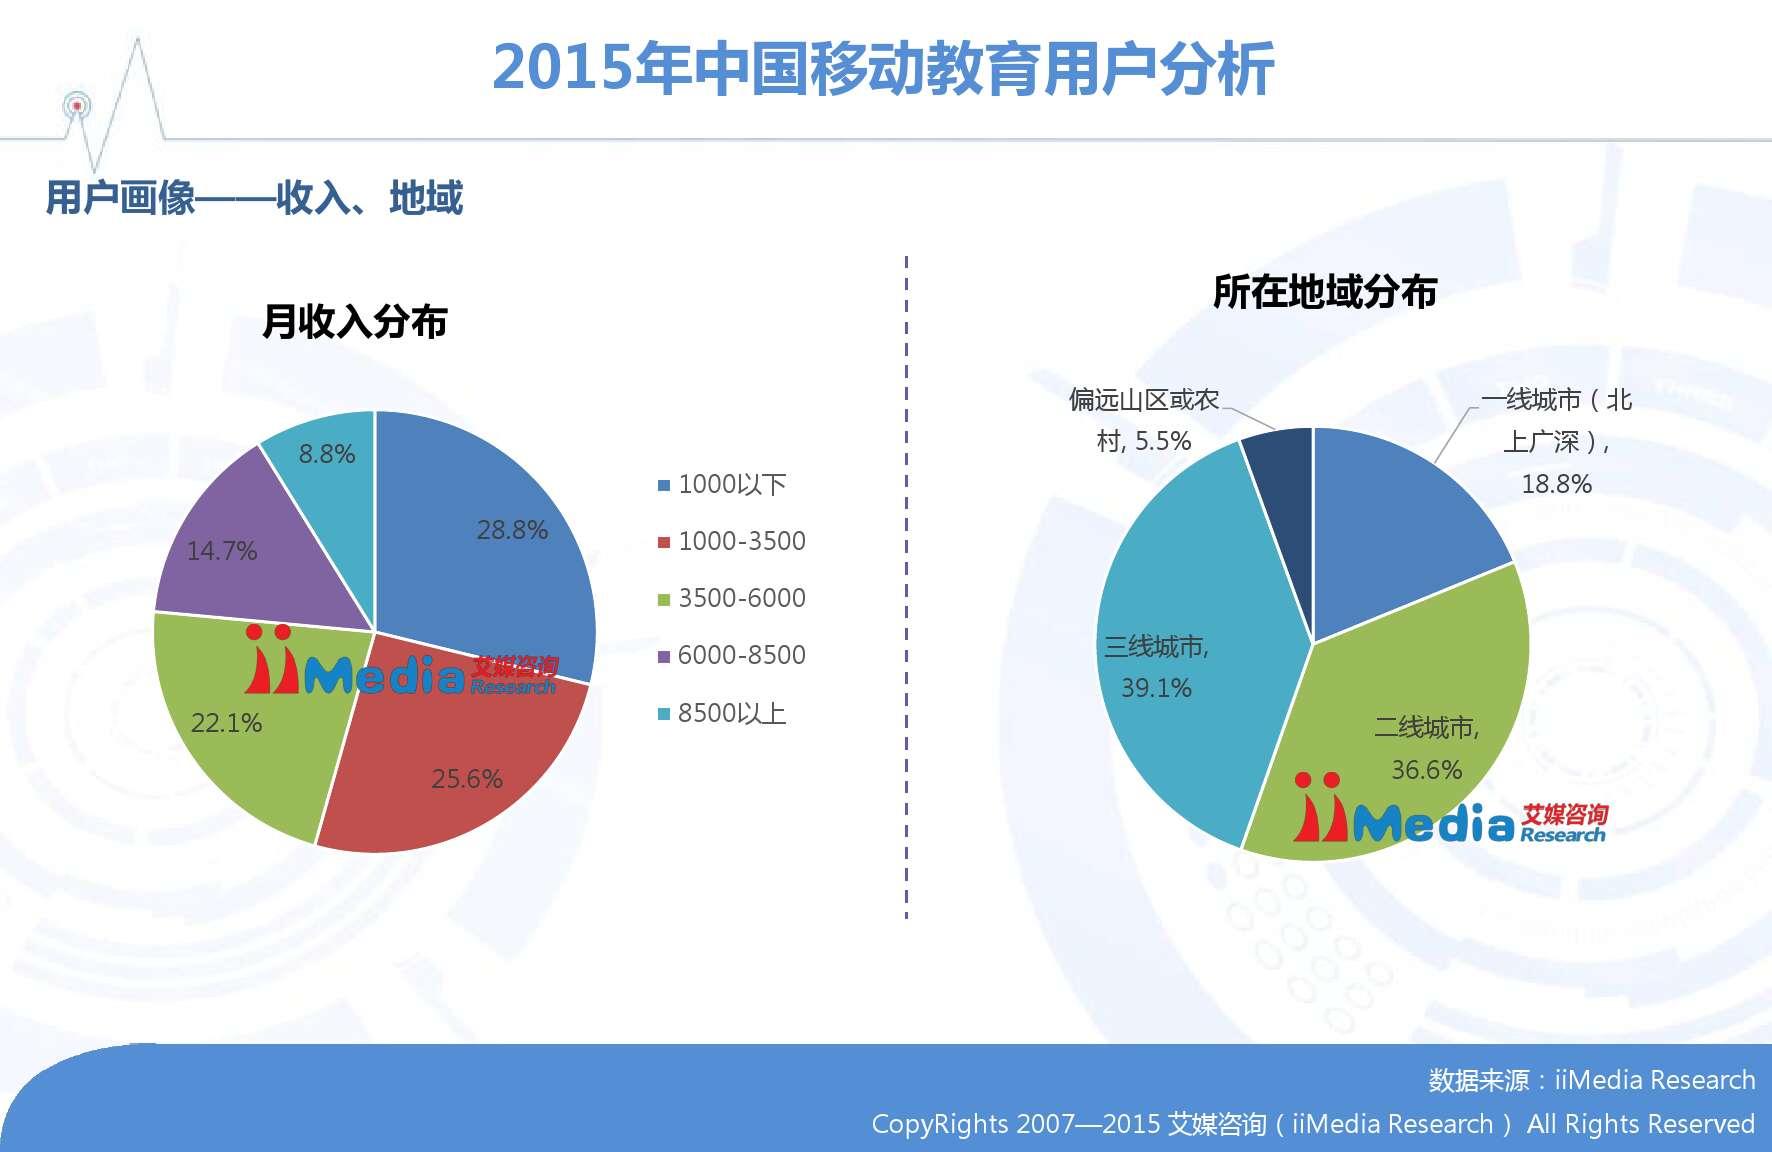 2015-2016年中国移动教育市场研究报告_000016